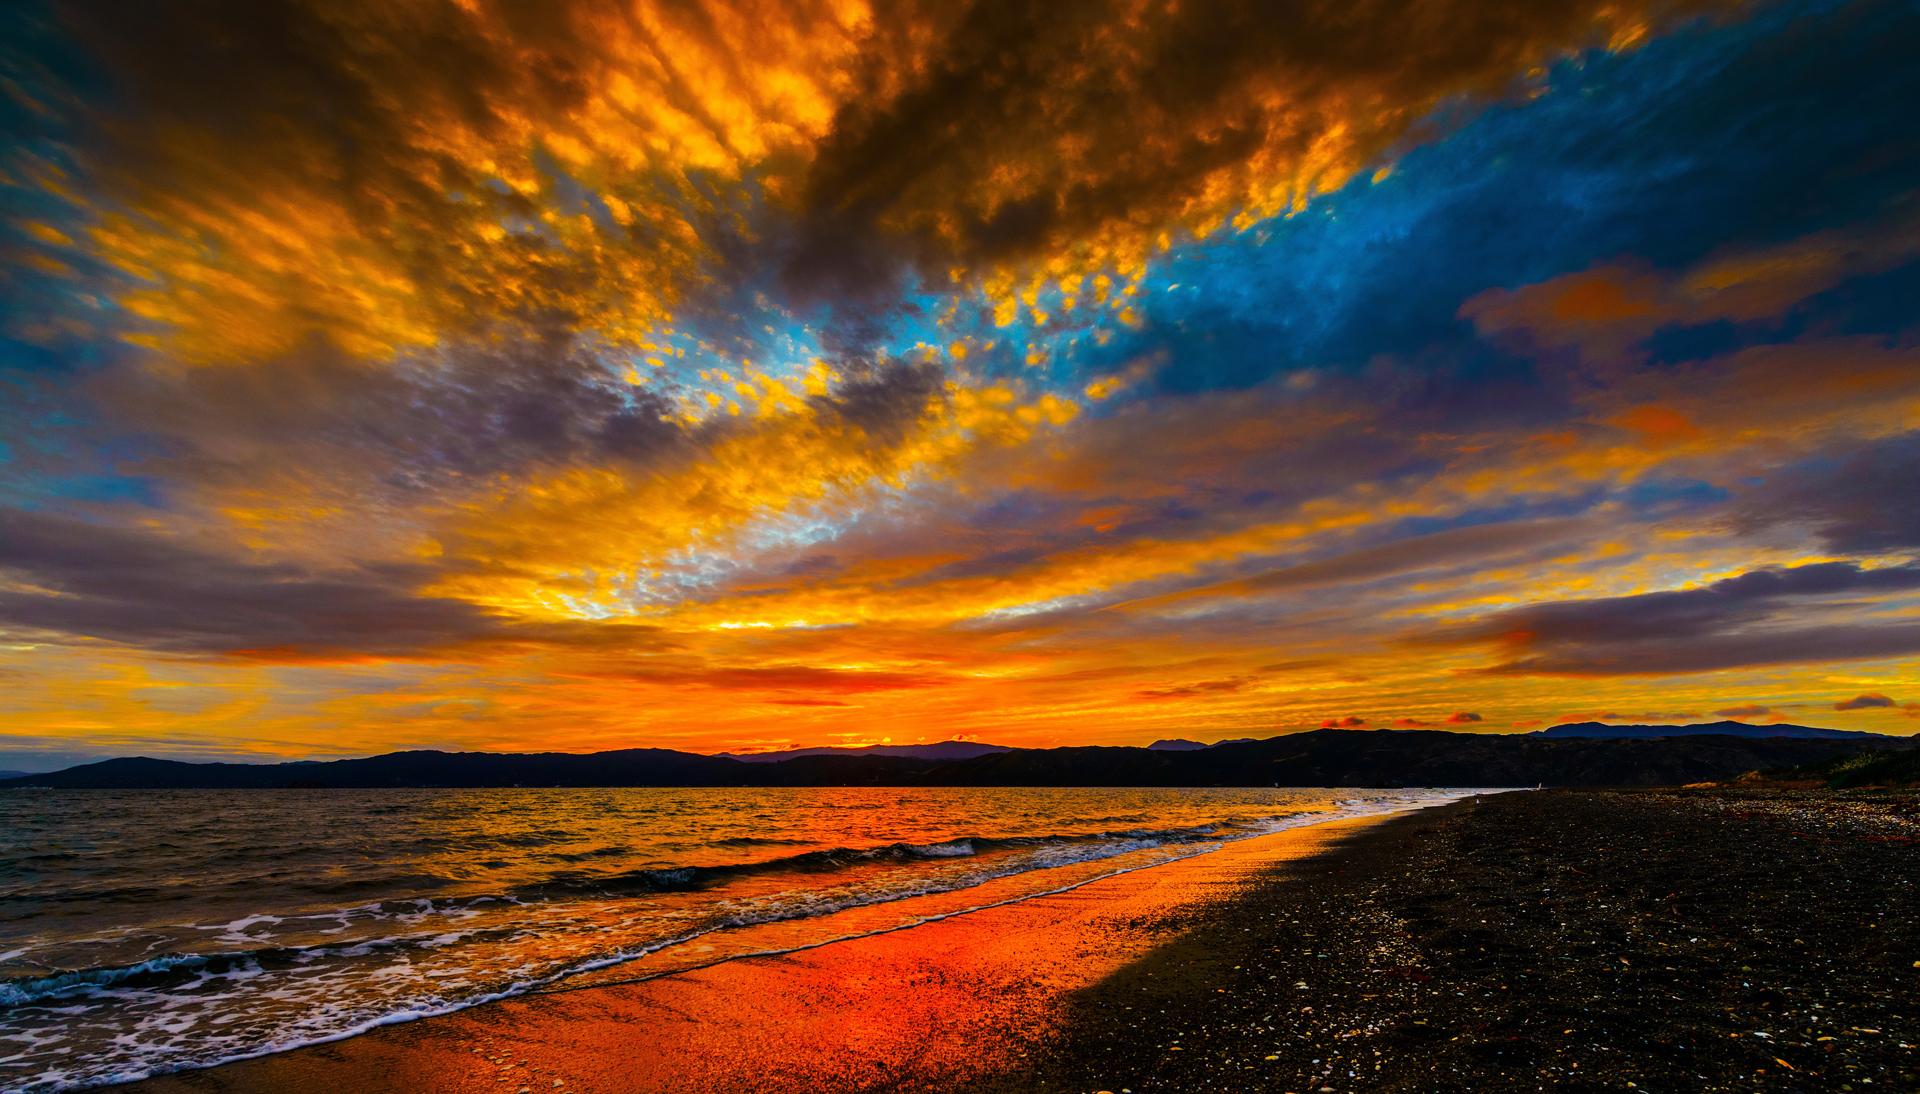 Playas al atardecer fotos de playas al atardecer imagenes for Imagenes hd para fondo